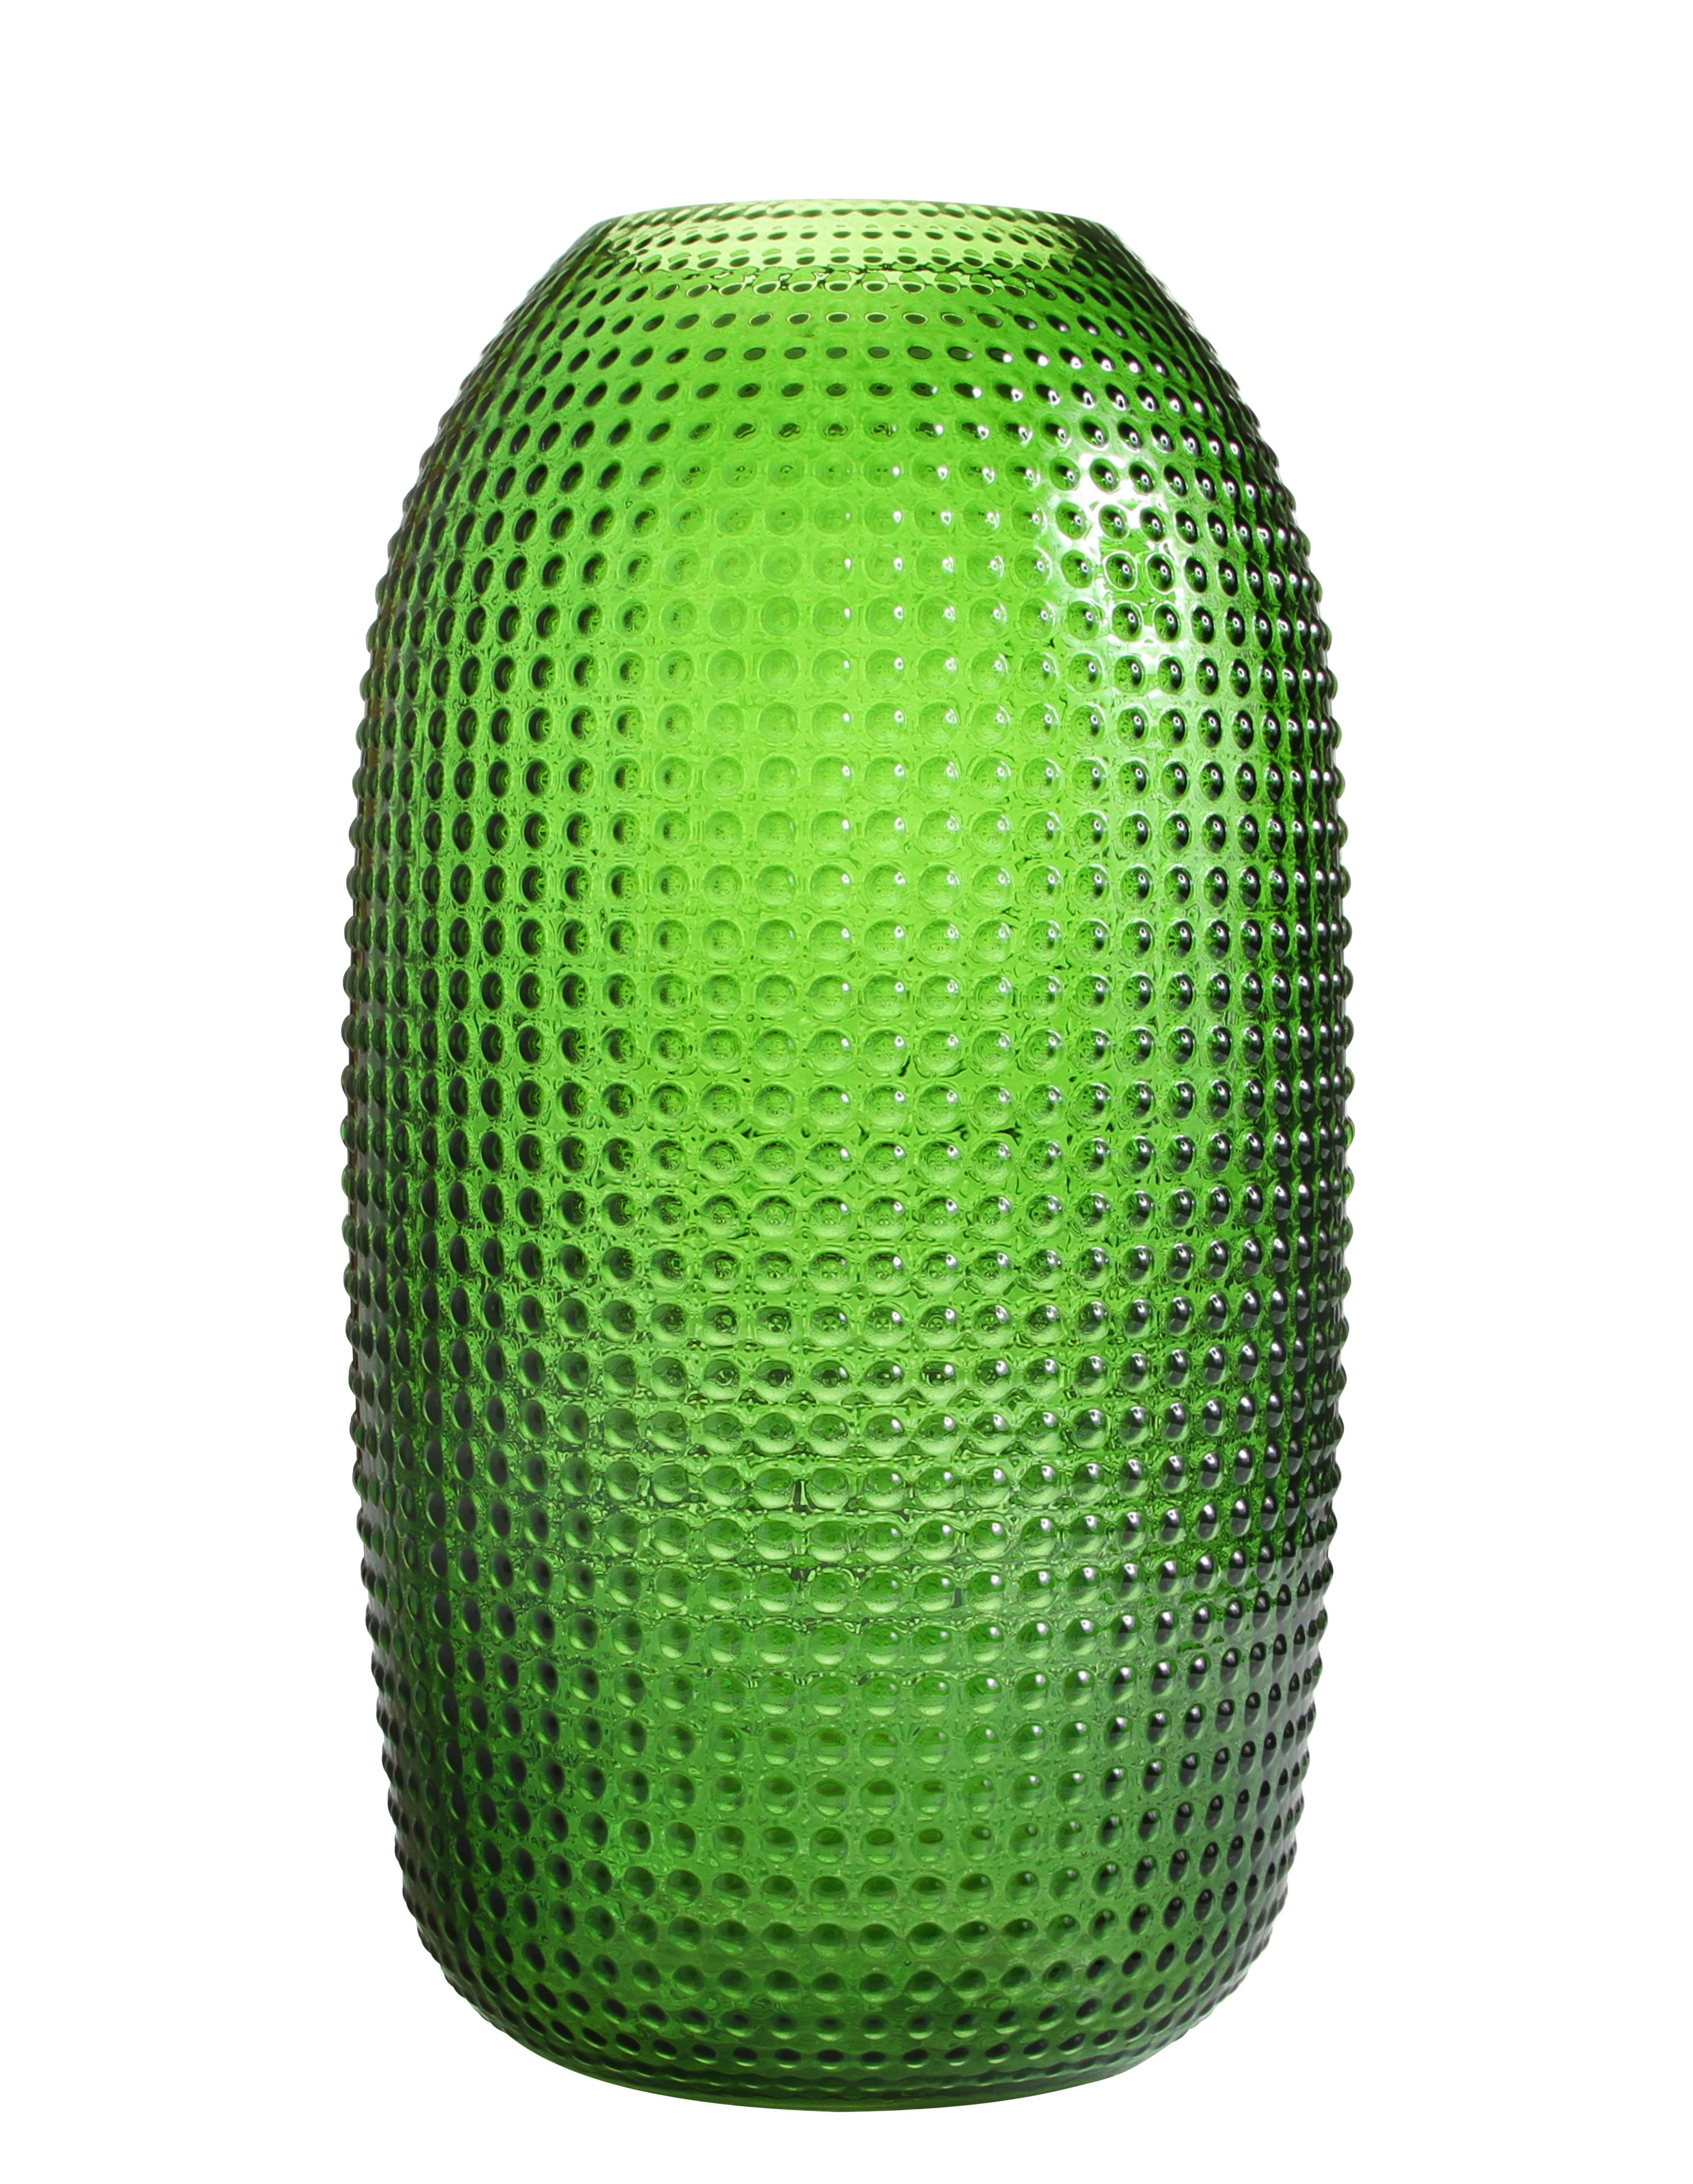 Dotted Large Vase Glas H 365 Cm Groß Grün By Klevering